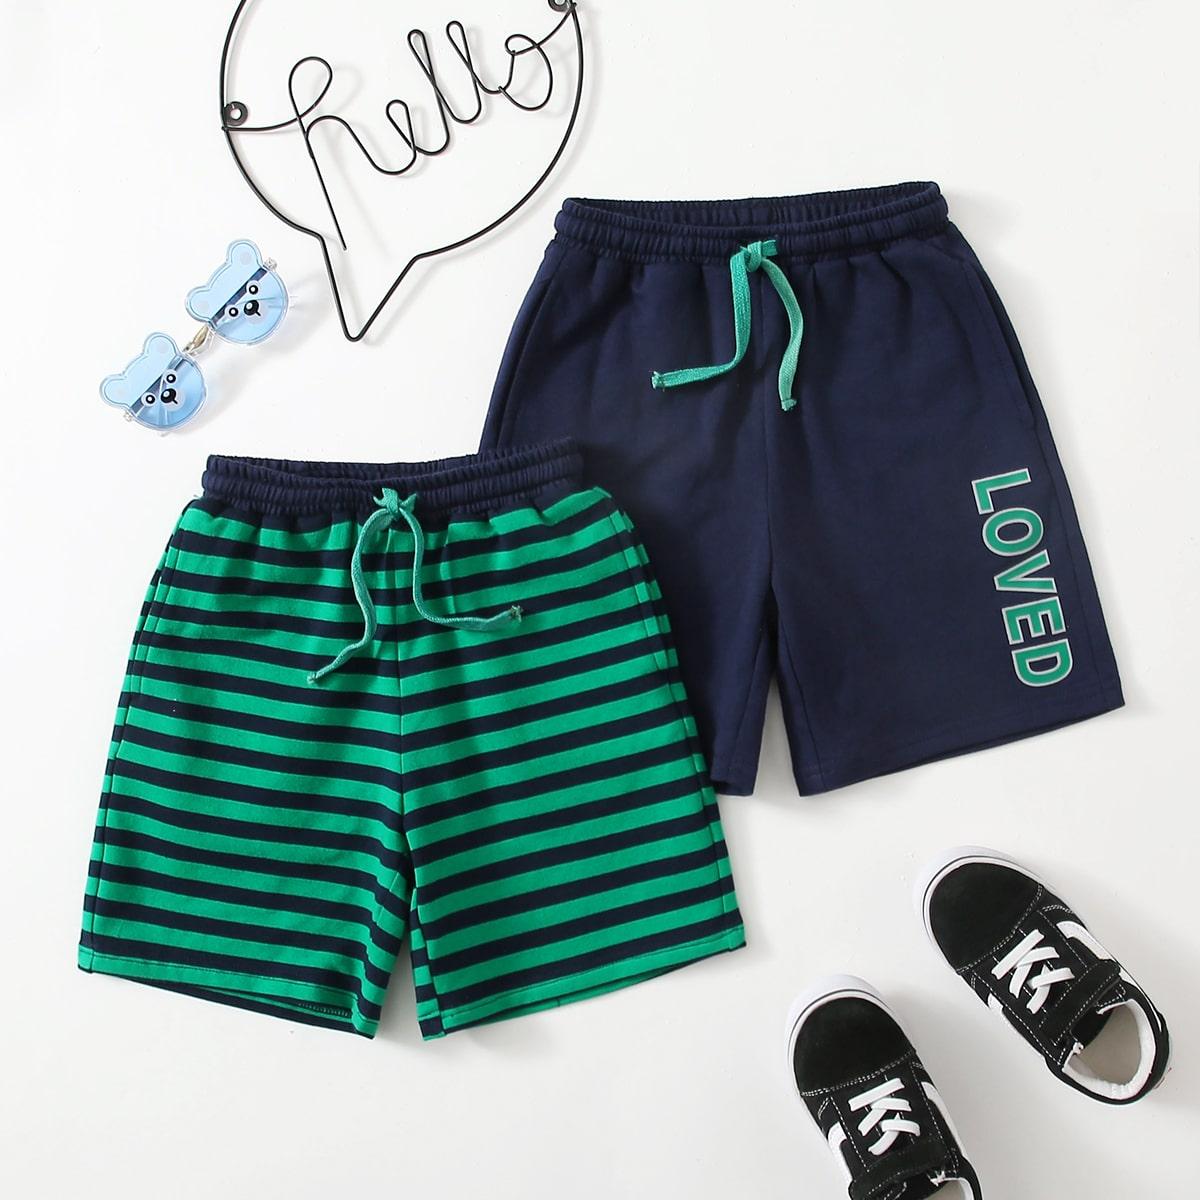 Пижамные шорты с текстовым принтом и полосками для мальчиков 2шт